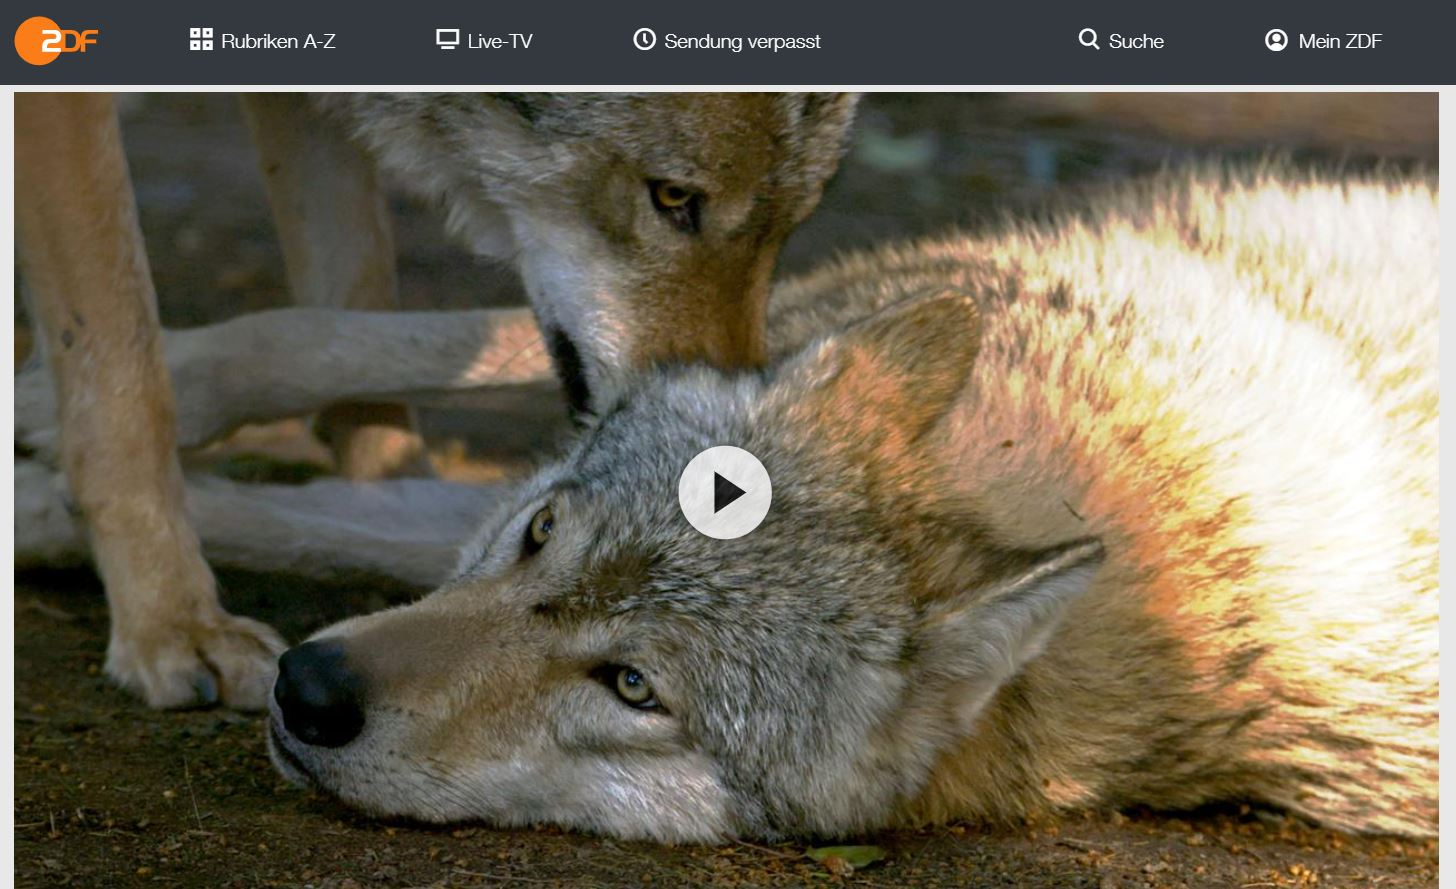 ZDF-Doku: Die Kommunikation der Tiere (3 Teile)